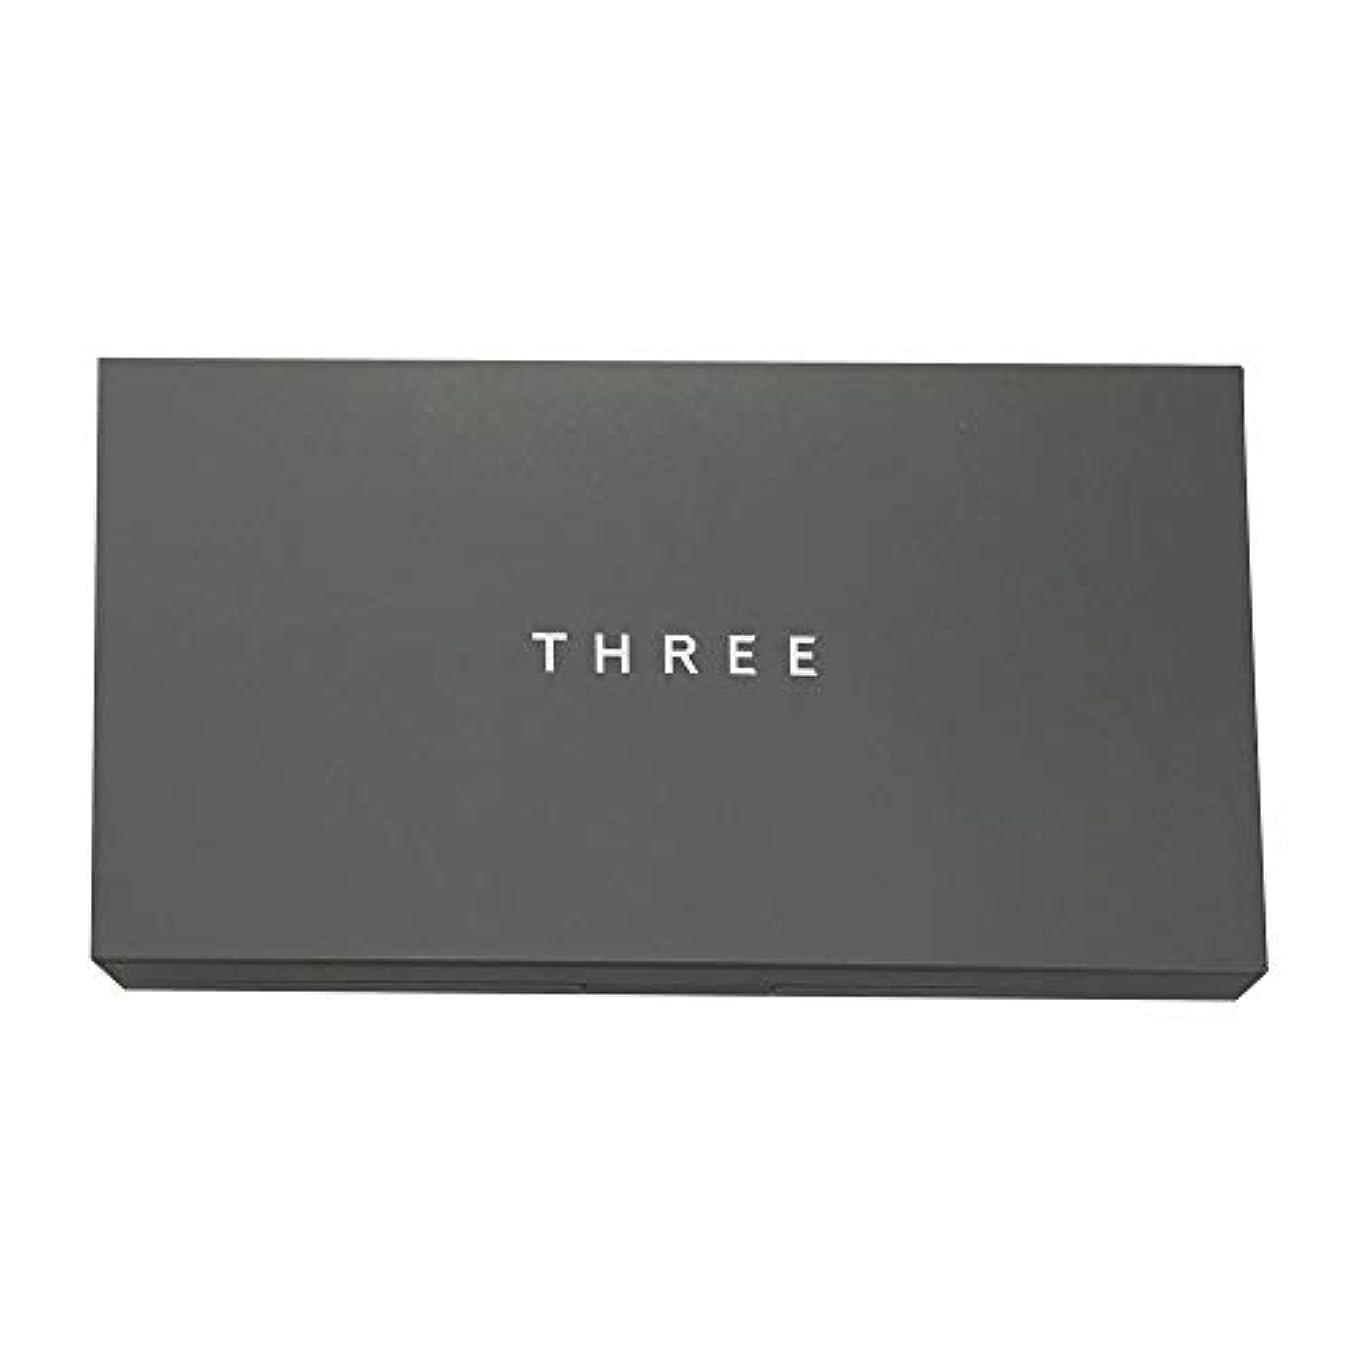 サスペンションカニ発信THREE(スリー) プリスティーンコンプレクションパウダーファンデーション ケース [ ケース ] [並行輸入品]